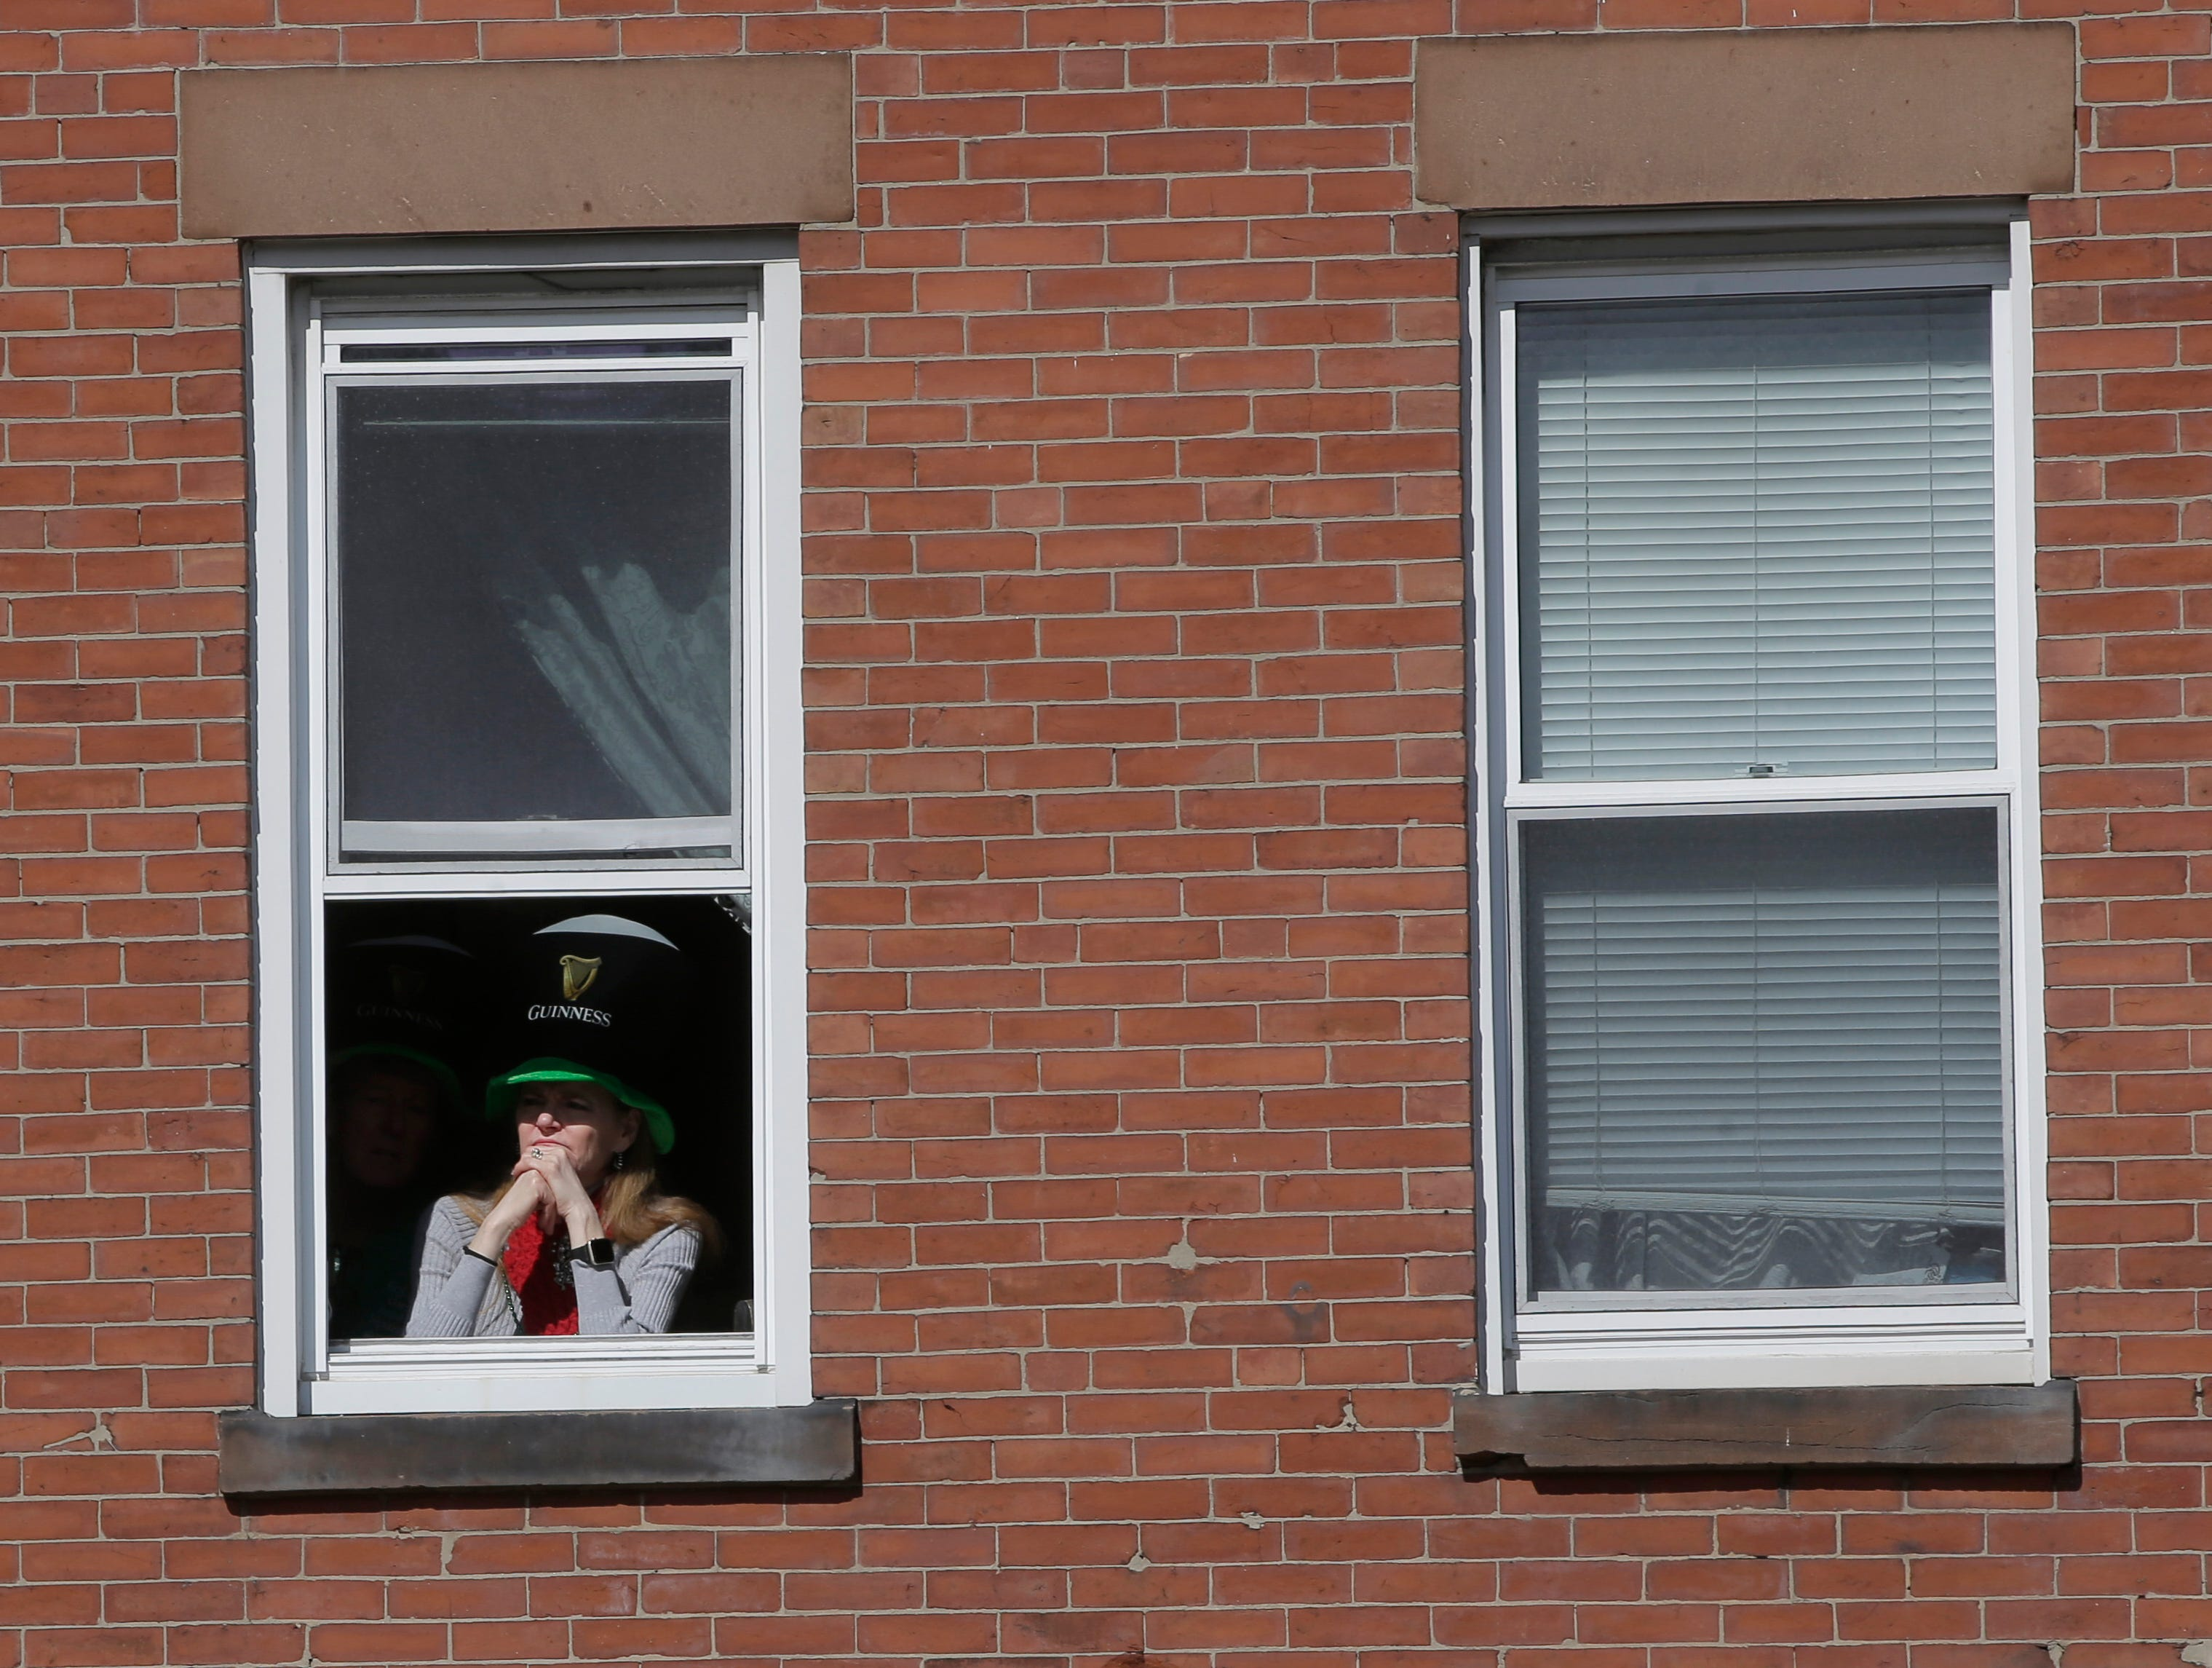 Miles de personas llenaron el domingo las calles de Boston con motivo del desfile anual del Día de San Patricio, muchas de ellas vestidas de verde y ondeando banderas irlandesas mientras observaban a actores recrear pasajes de la Guerra de Independencia y el paso de las brigadas de gaiteros.